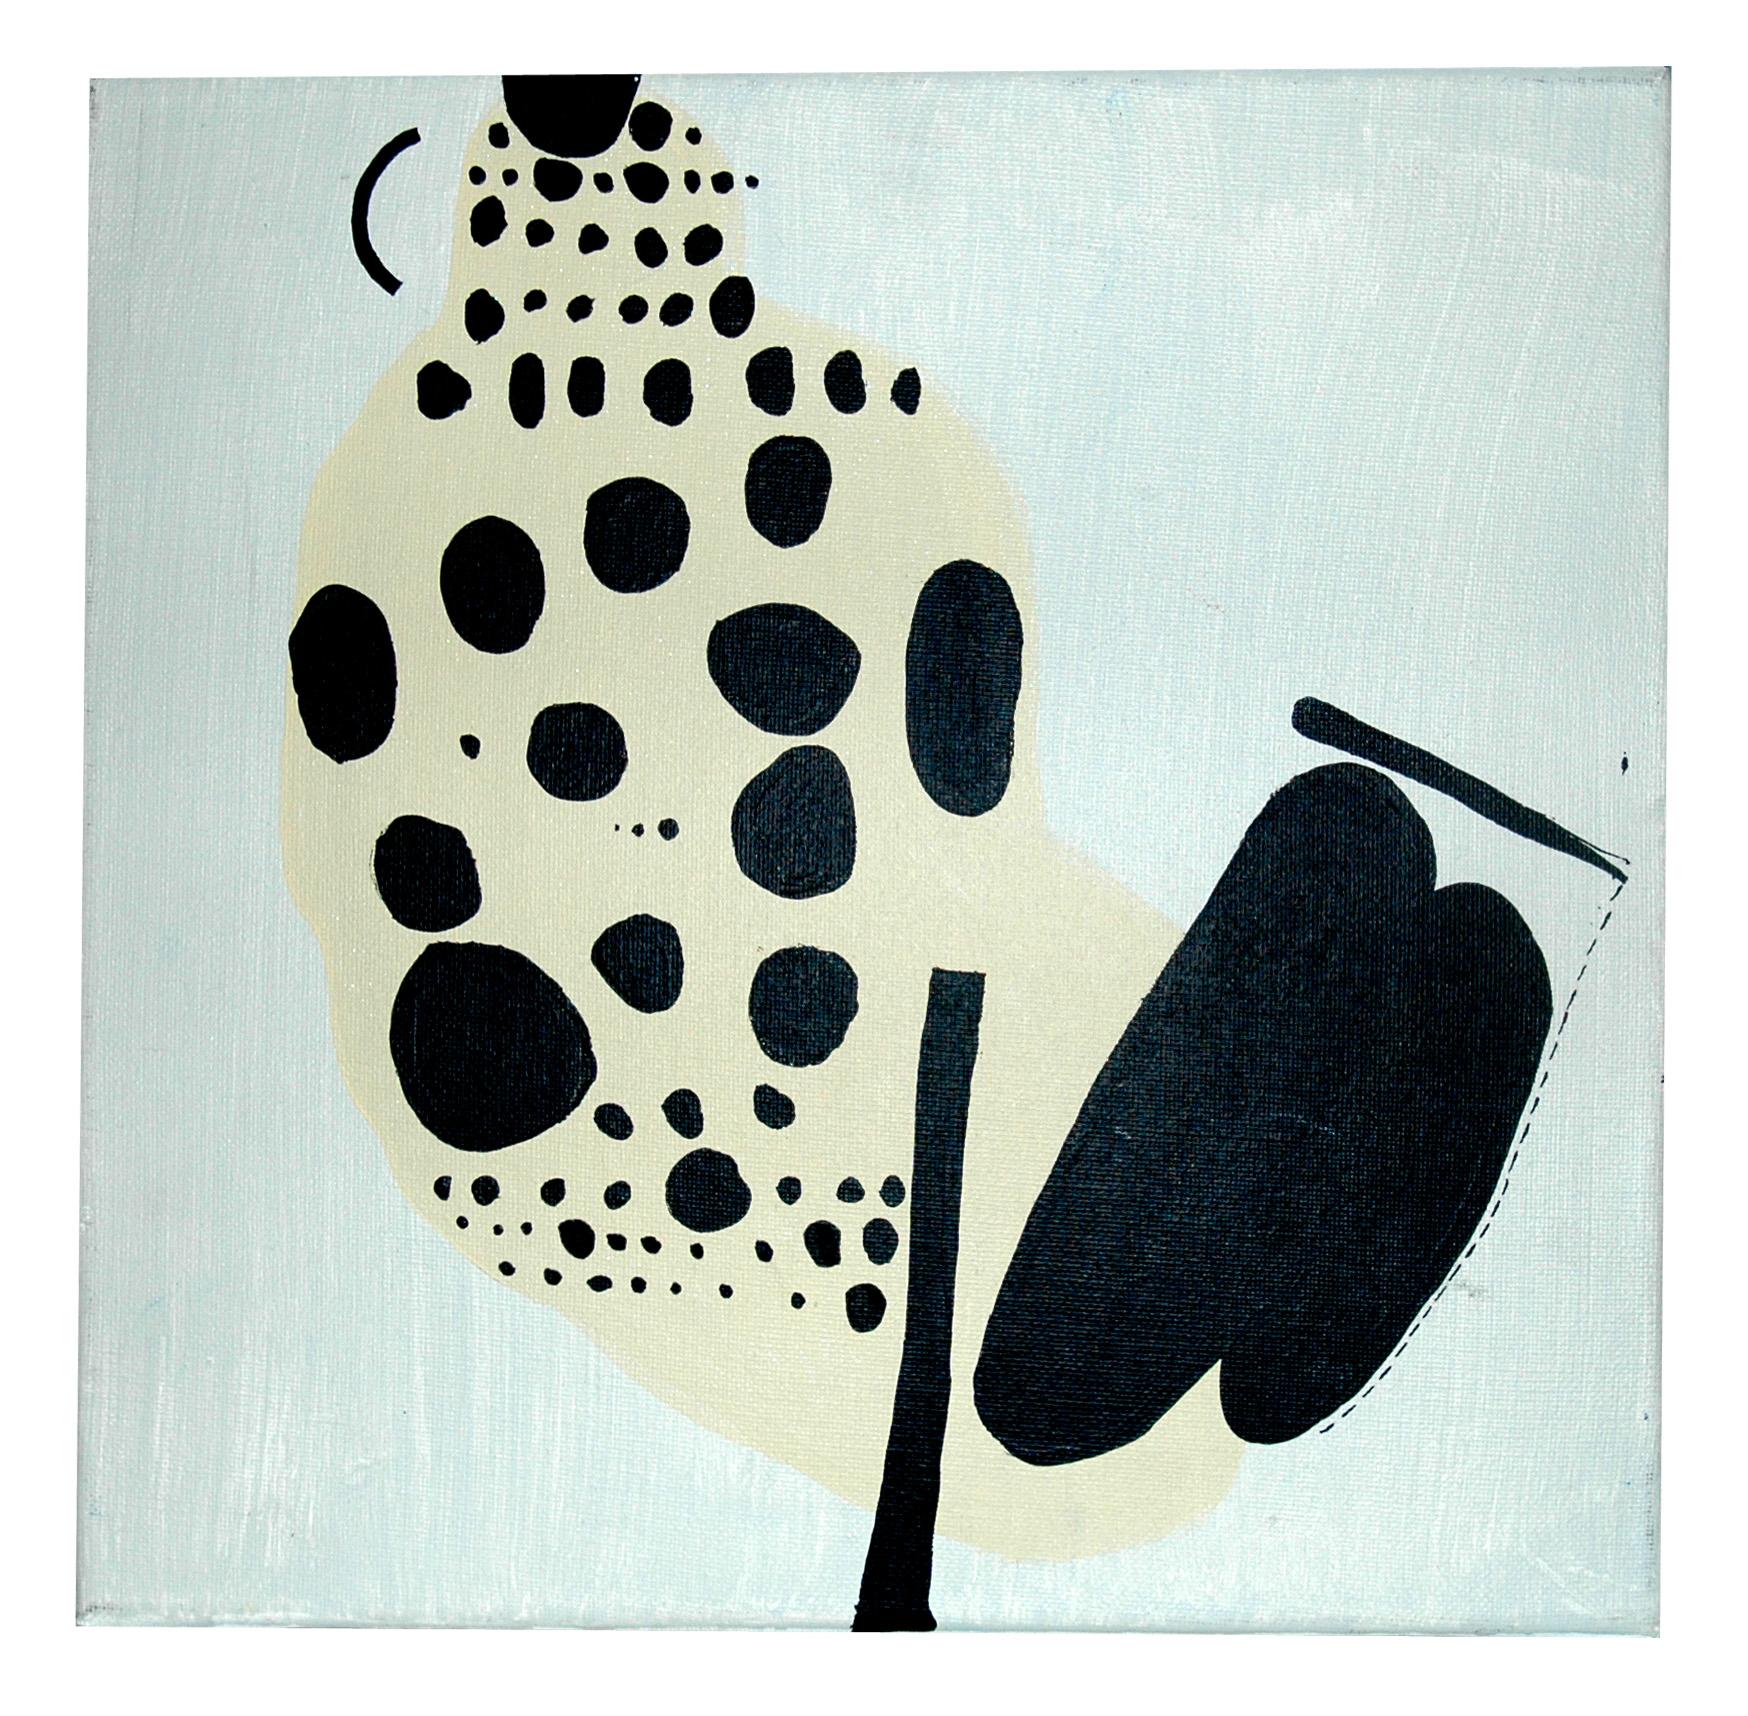 """Agnieszka Pietrzykowska, """"Kropki"""", 2011, akryl, płótno, 30x30 cm (źródło: materiały prasowe)"""